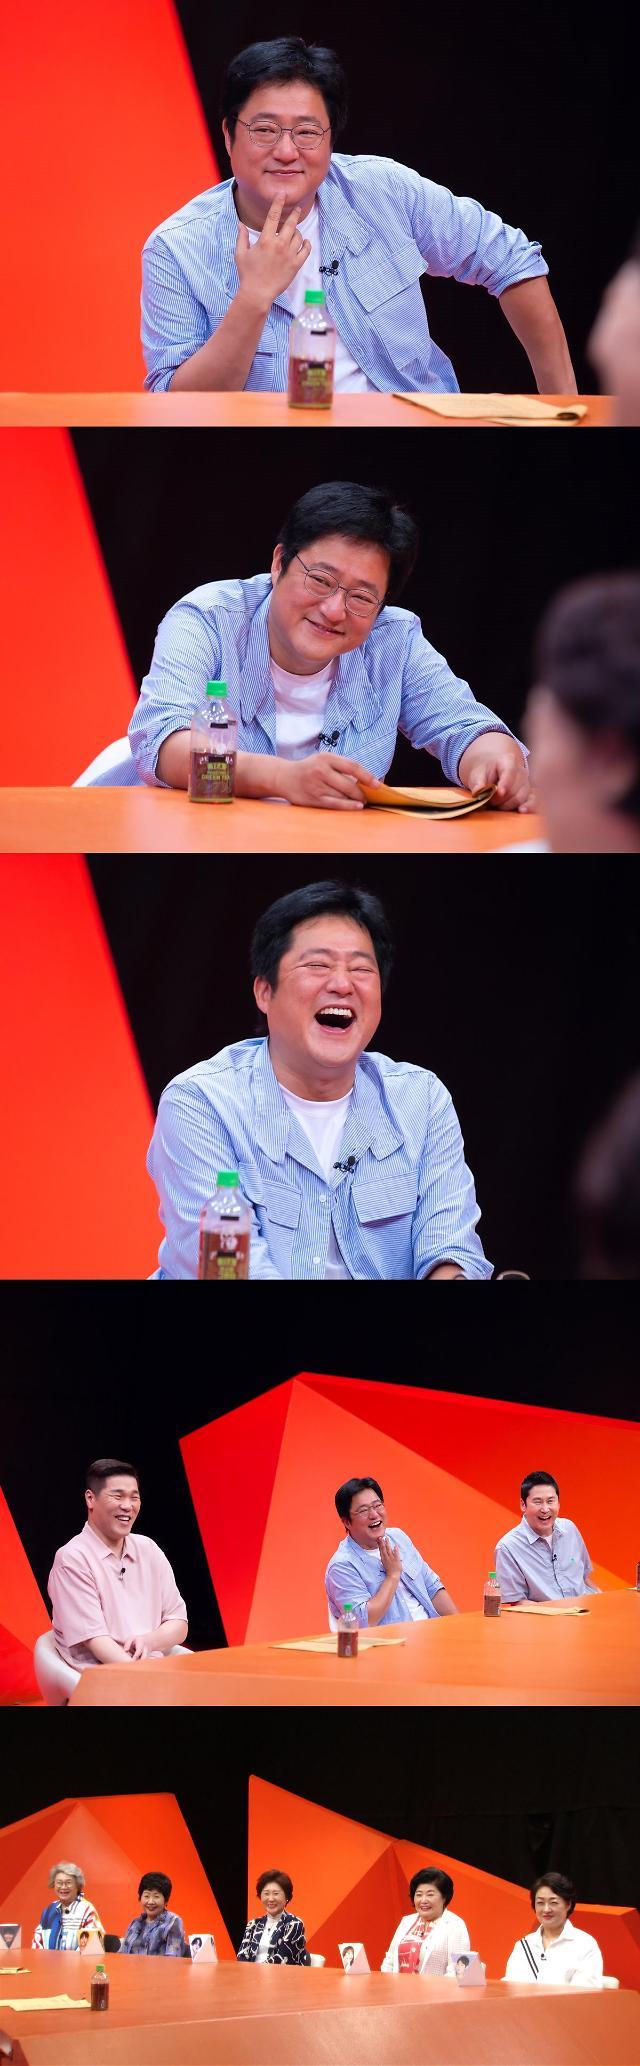 """[오늘밤 채널고정] 맘심 저격한 사위감 곽도원, """"이번 생에 결혼은 틀린 것 같다"""" 깜짝 고백?"""